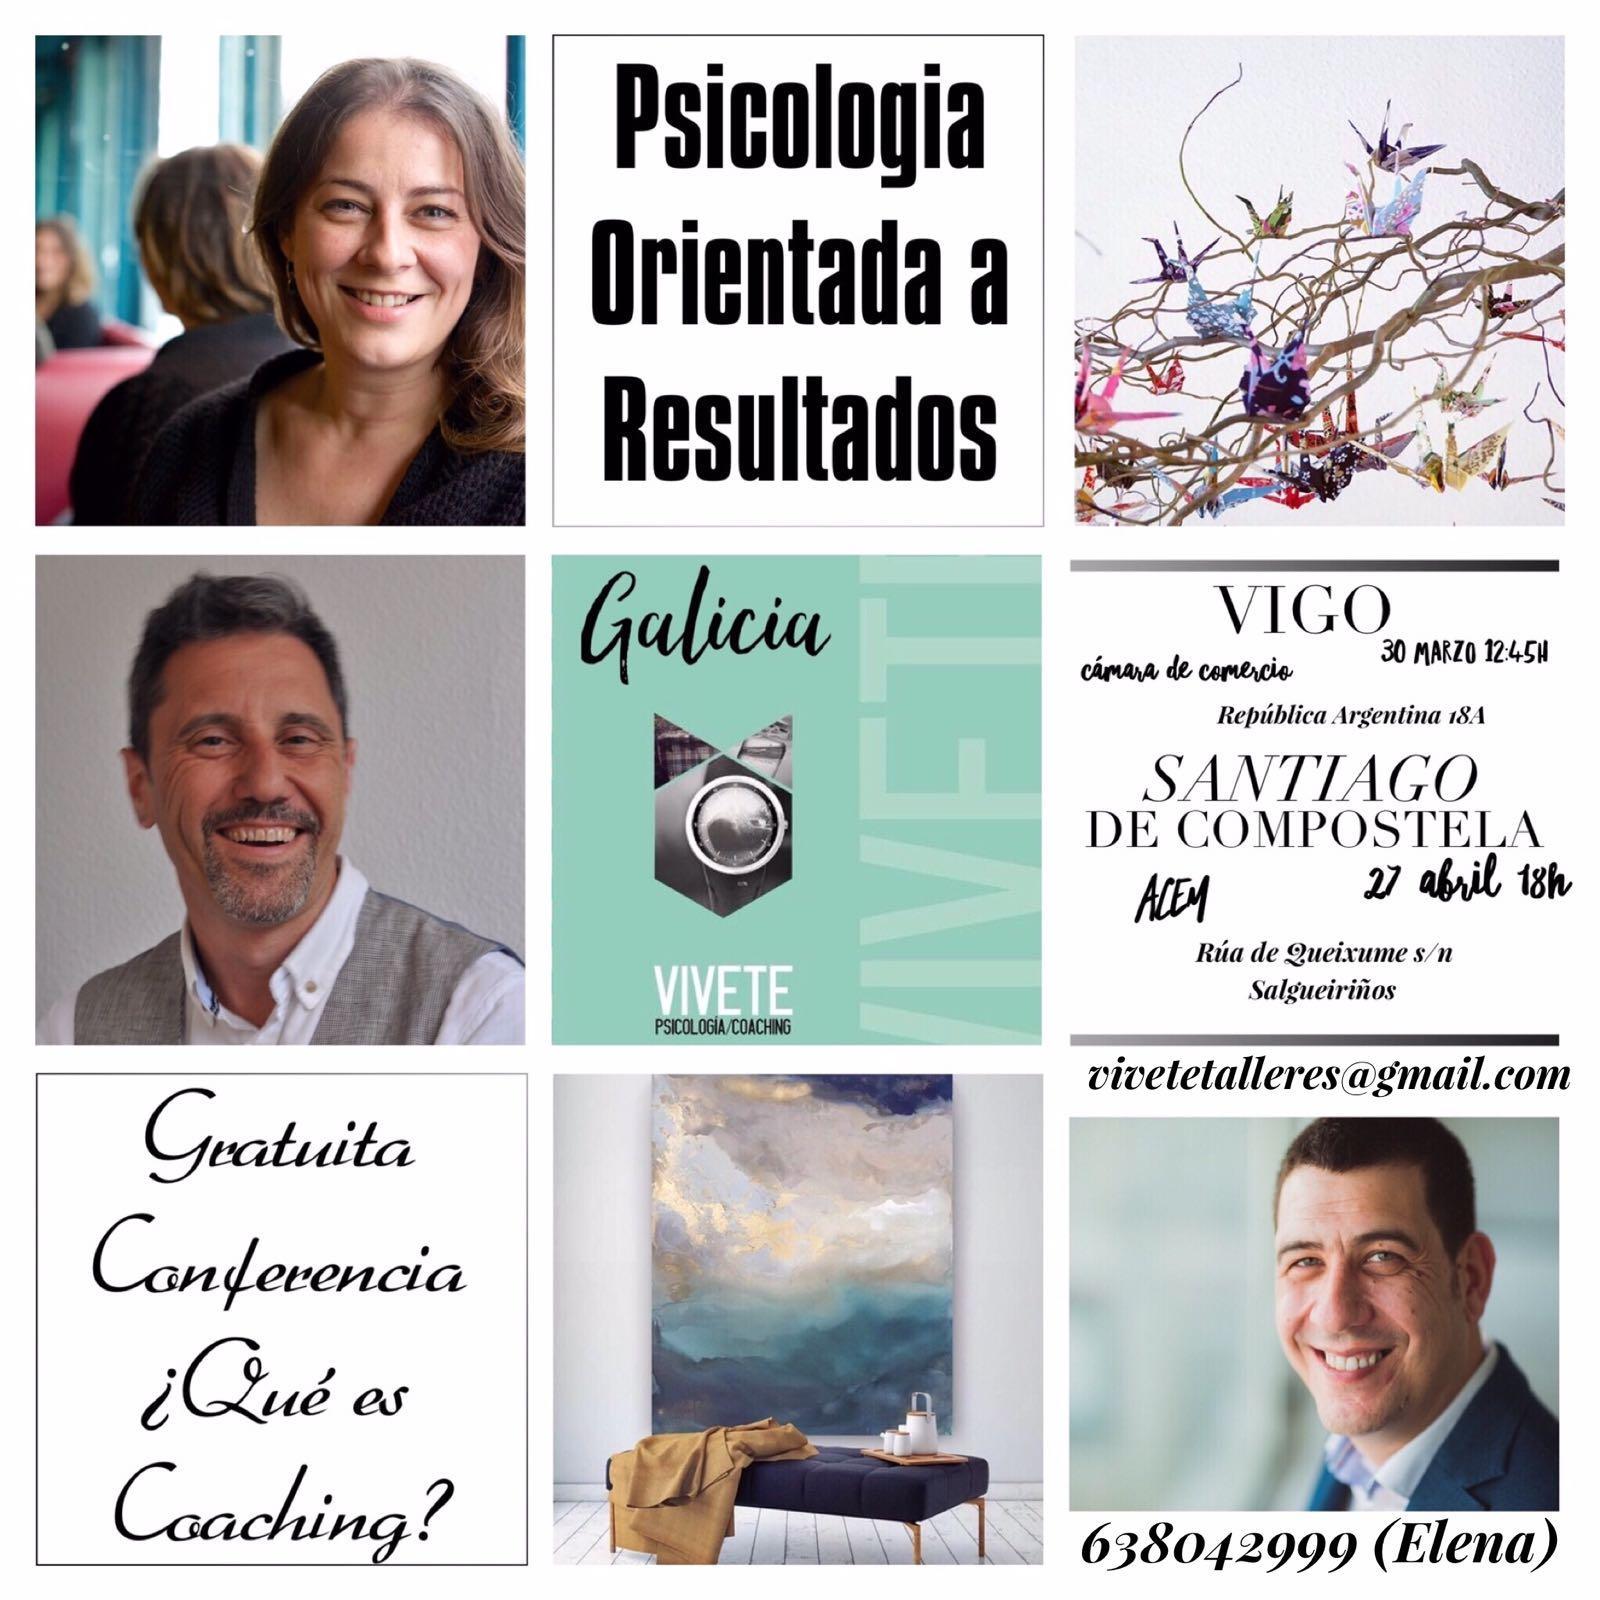 Conferencia gratuita Psicología Orientada a R